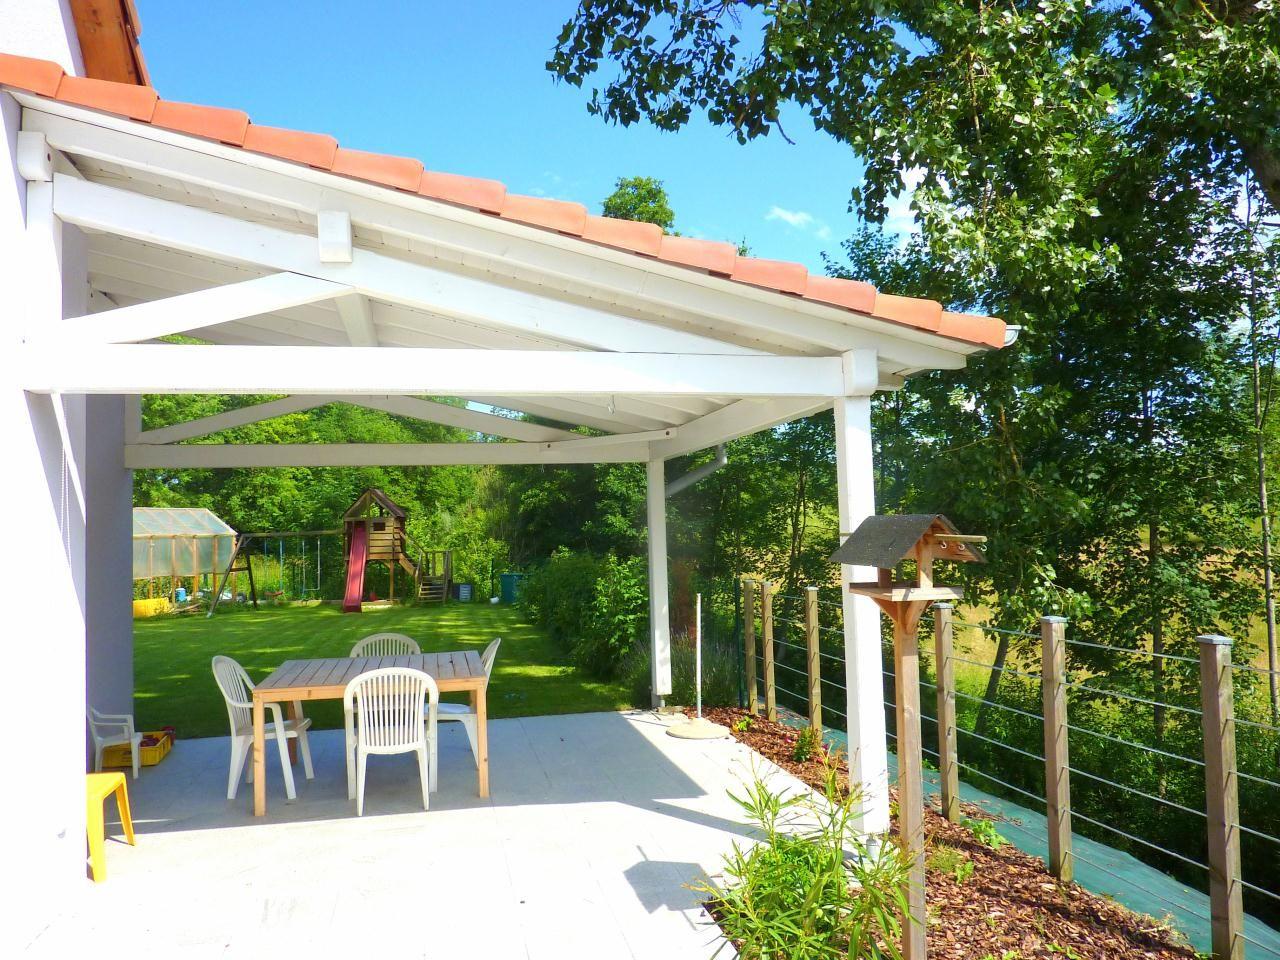 création terrasse couverte construction   Terrasse couverte en 2019 ...